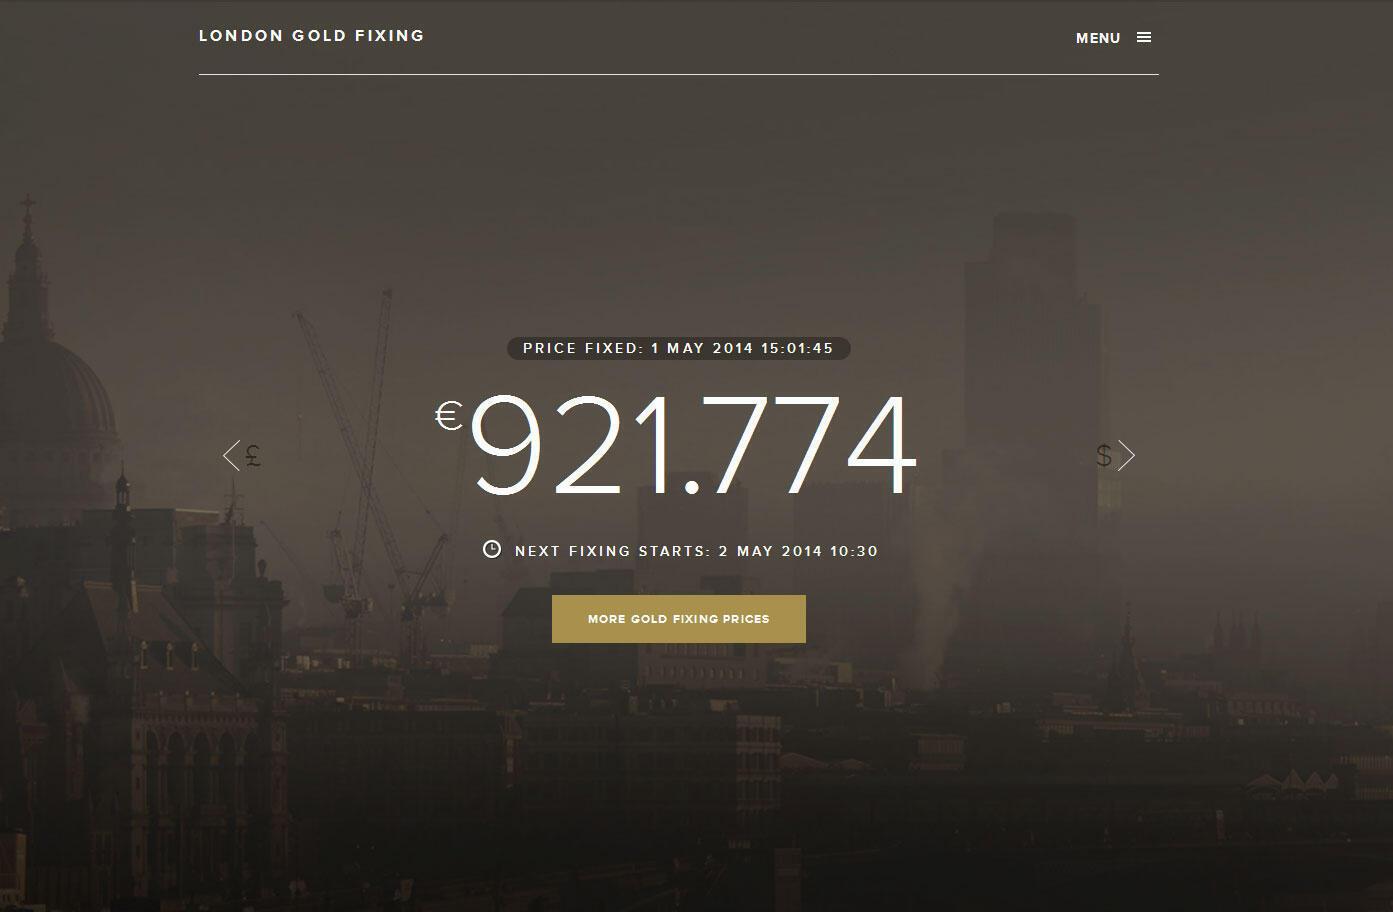 La page d'accueil de London fixing gold